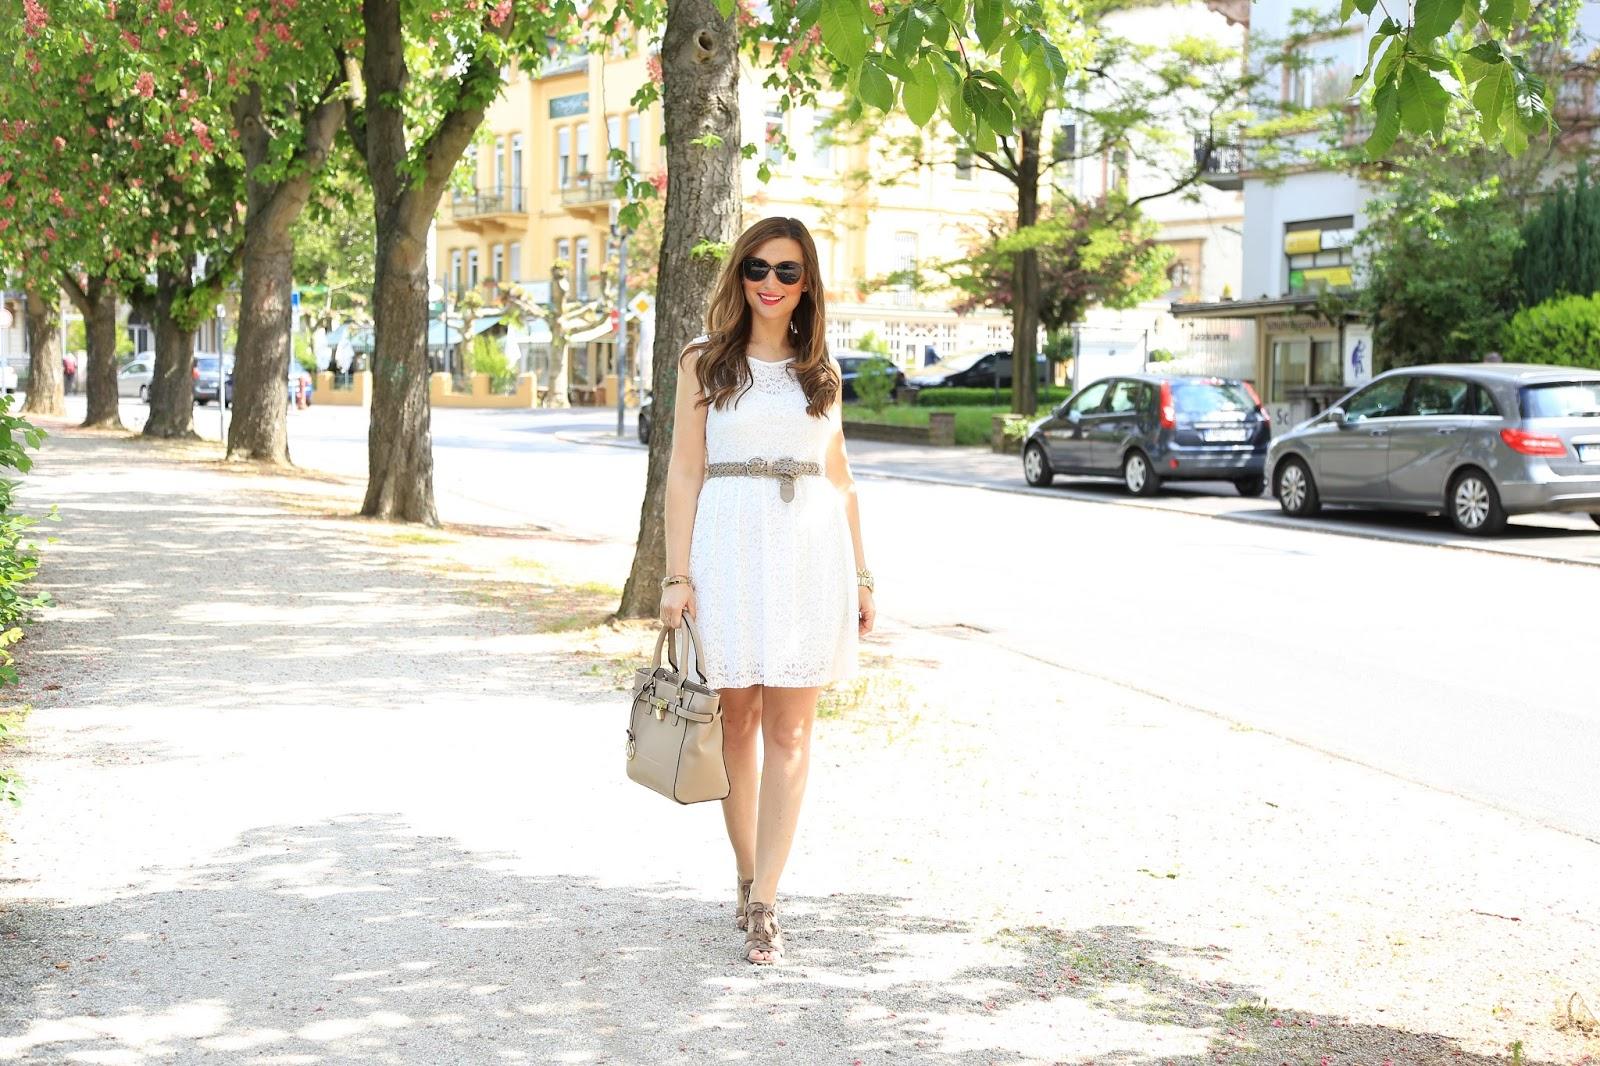 Blogger aus Deutschland - blogger im Kleid - Sommer Outfit mit weißem Kleid - Sommer Outfit der Fashionblogger - fashionstylebyjohanna Blogger aus Frankfurt